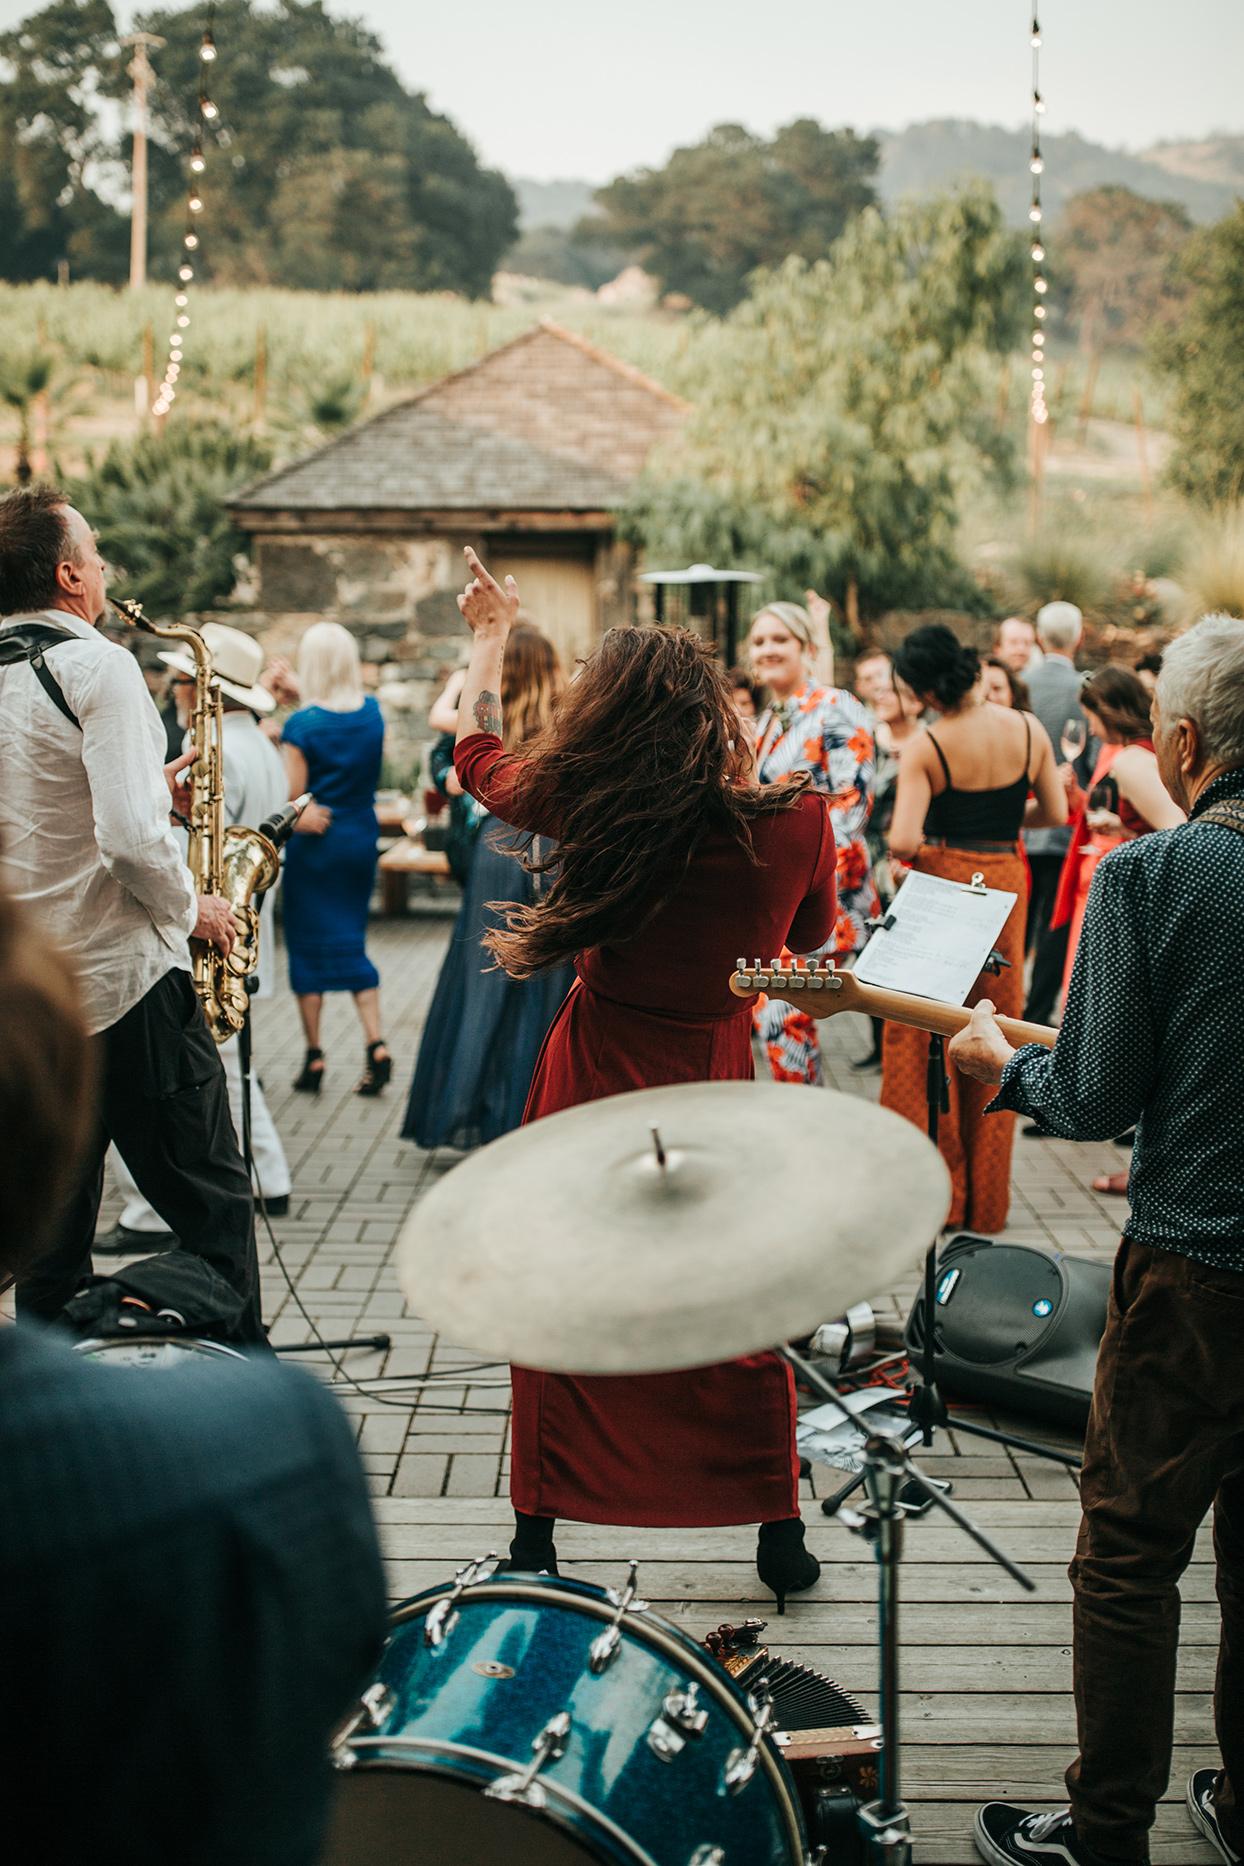 austin alex wedding band playing on patio